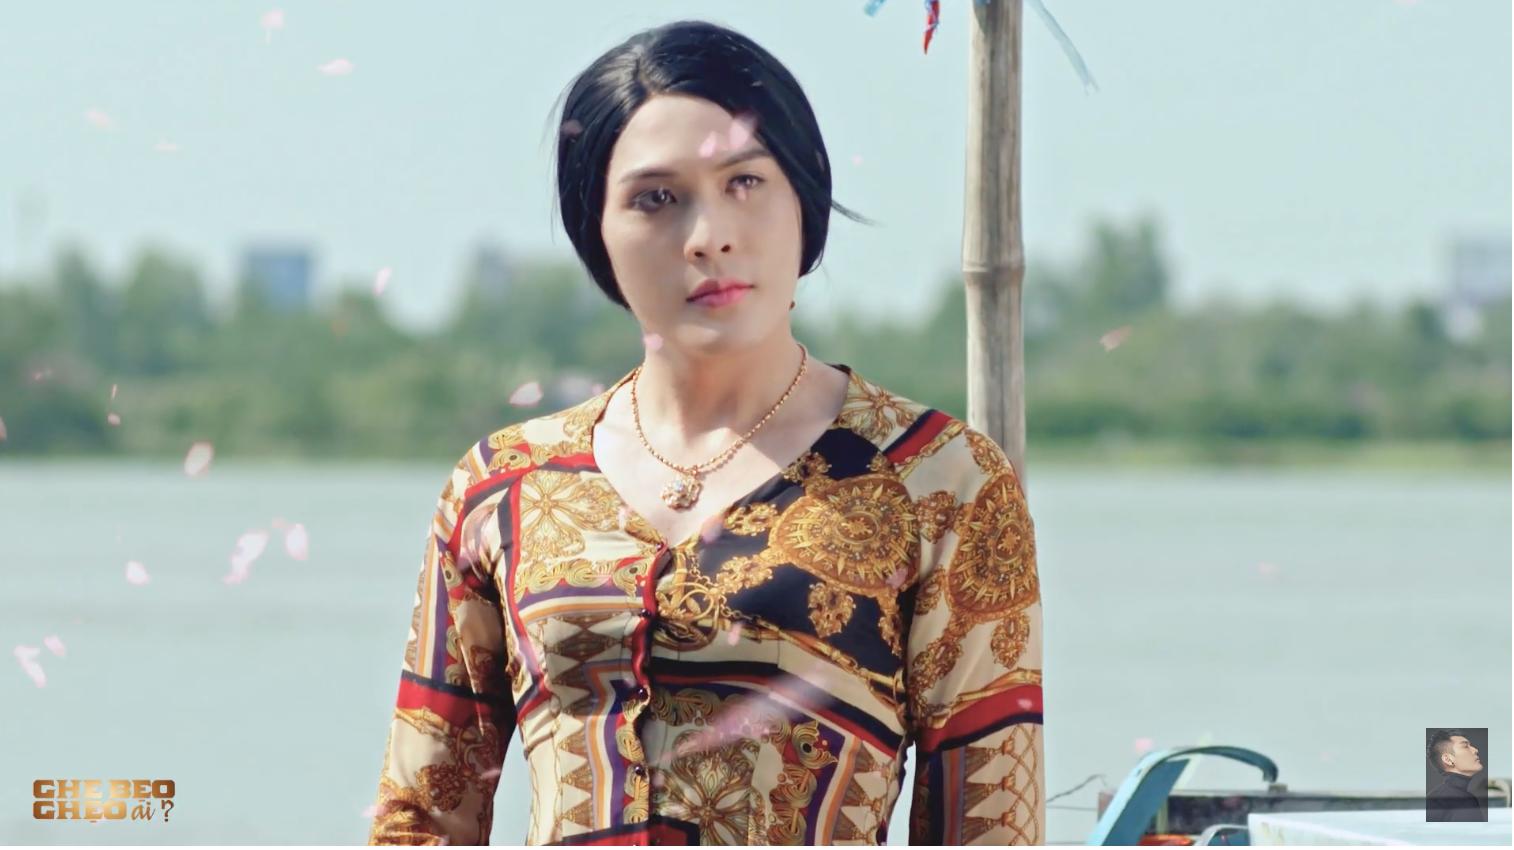 Đạo diễn Võ Thanh Hòa và Võ Đăng Khoa nói gì về việc mang hình ảnh LGBT miền Tây lên phim hài? - Ảnh 2.